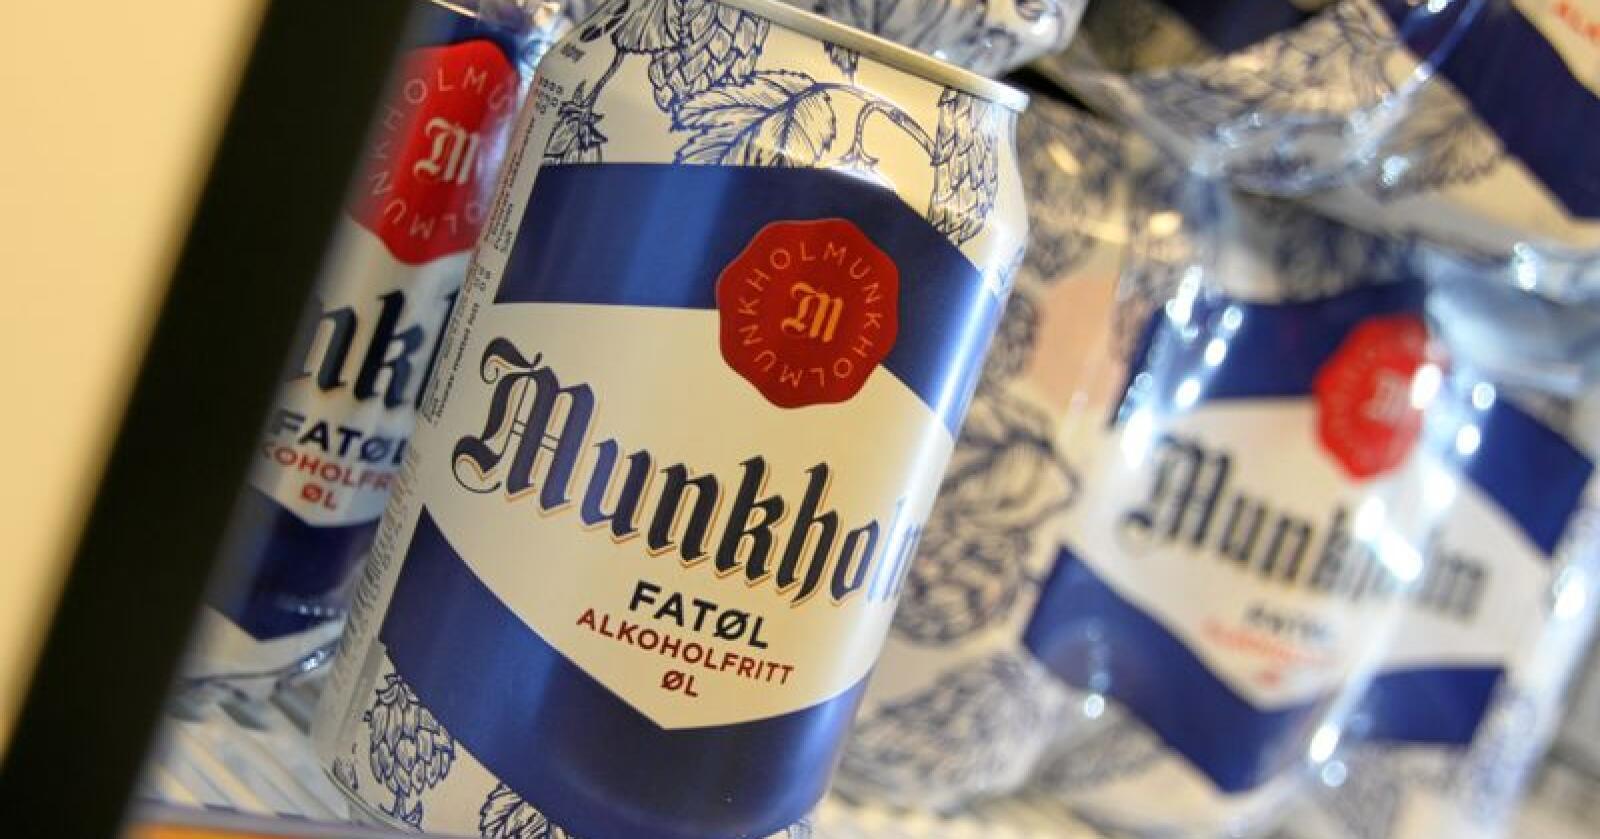 Flere nordmenn velger Munkholm og andre alkoholfrie alternativer. Foto: Lars Bilit Hagen